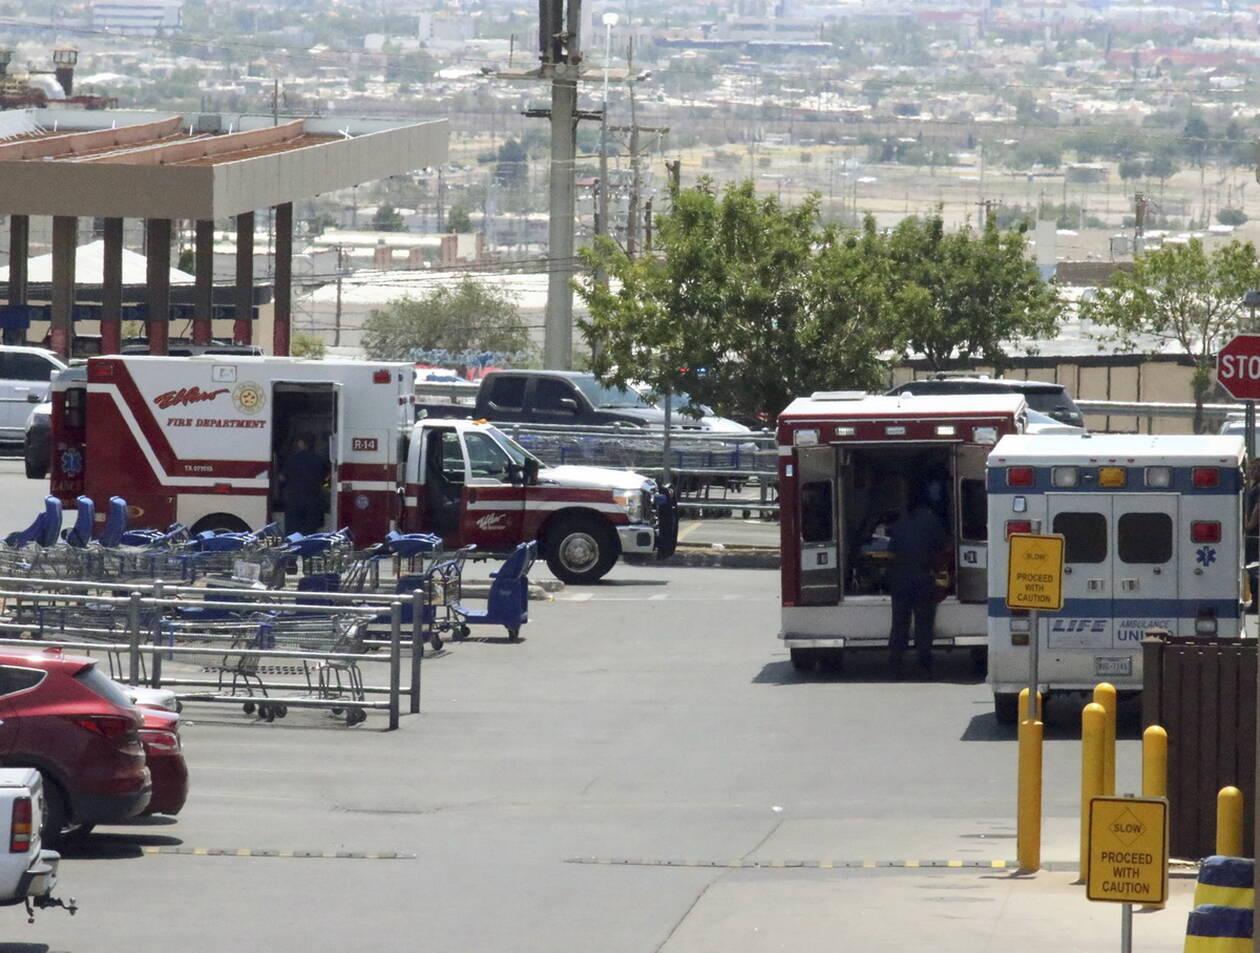 Μακελειό στο Τέξας: «Έγκλημα μίσους» στο Ελ Πάσο με 20 νεκρούς και 26 τραυματίες 7